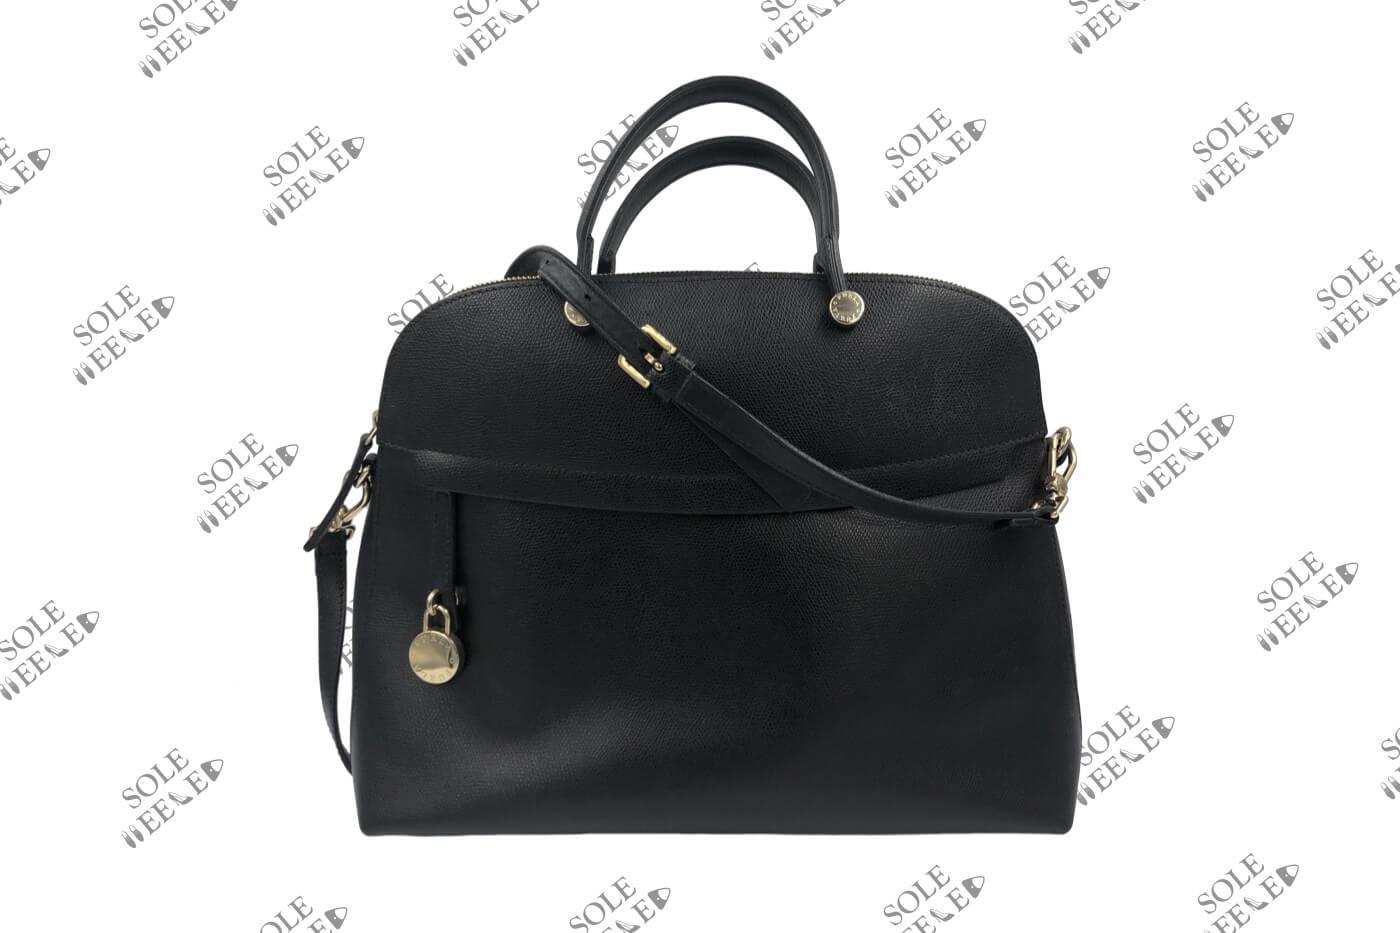 Furla Handbag Strap Repair